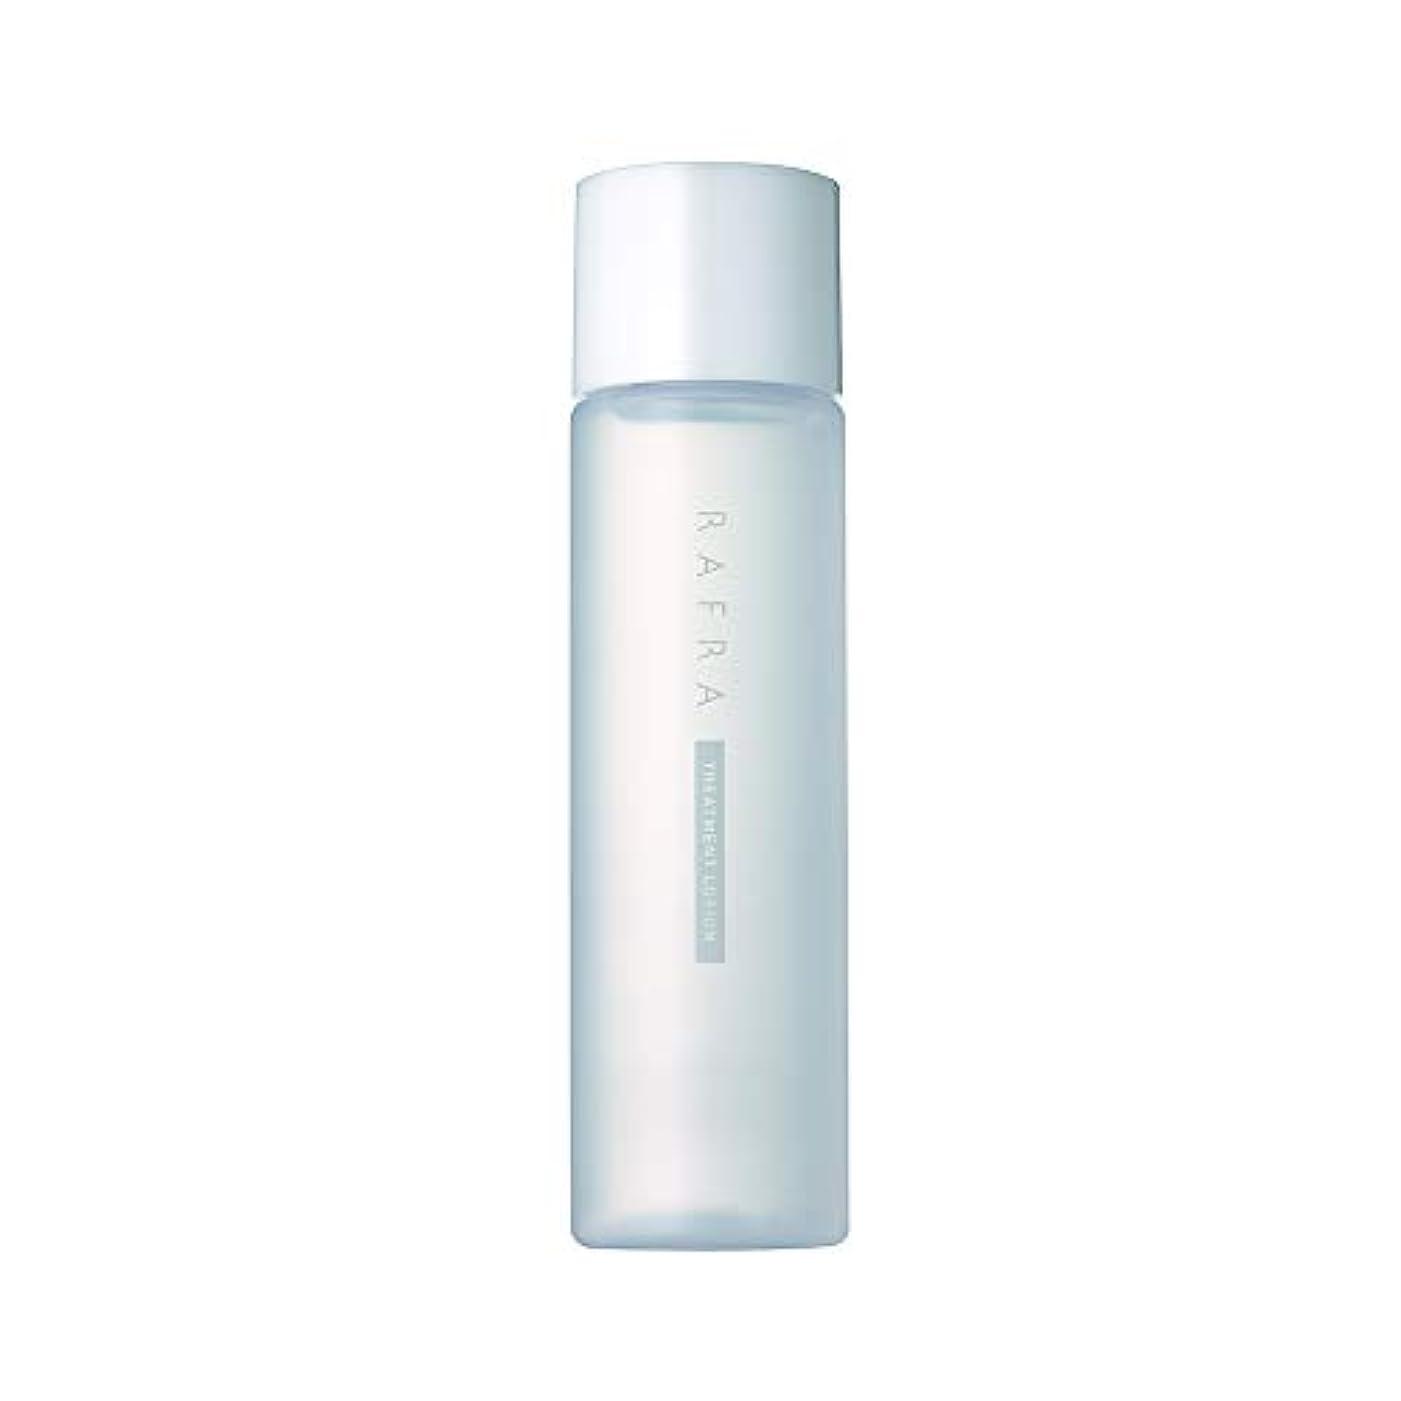 舗装虚偽セールスマンラフラ トリートメントローション 150ml 化粧水 ブースター 導入液